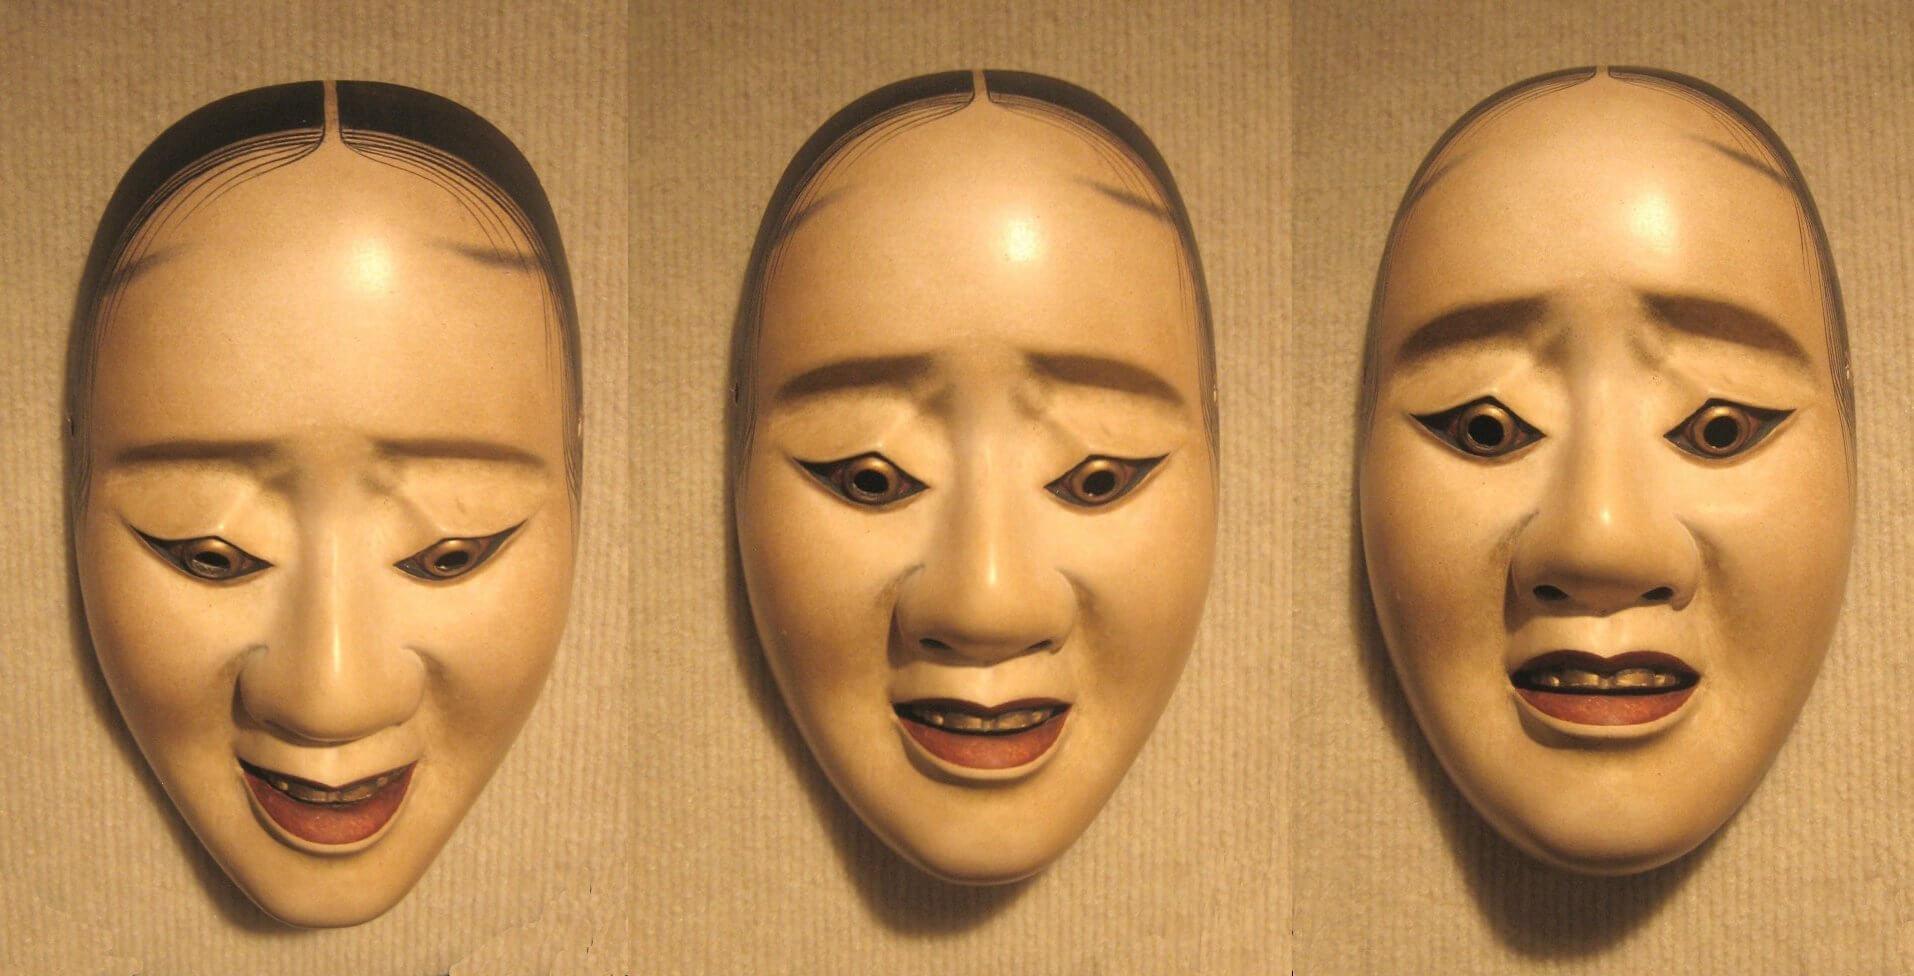 מסכות נו יפניות, של אותה דמות, כשהטיית הראש מסמלת מצב רוח שונה